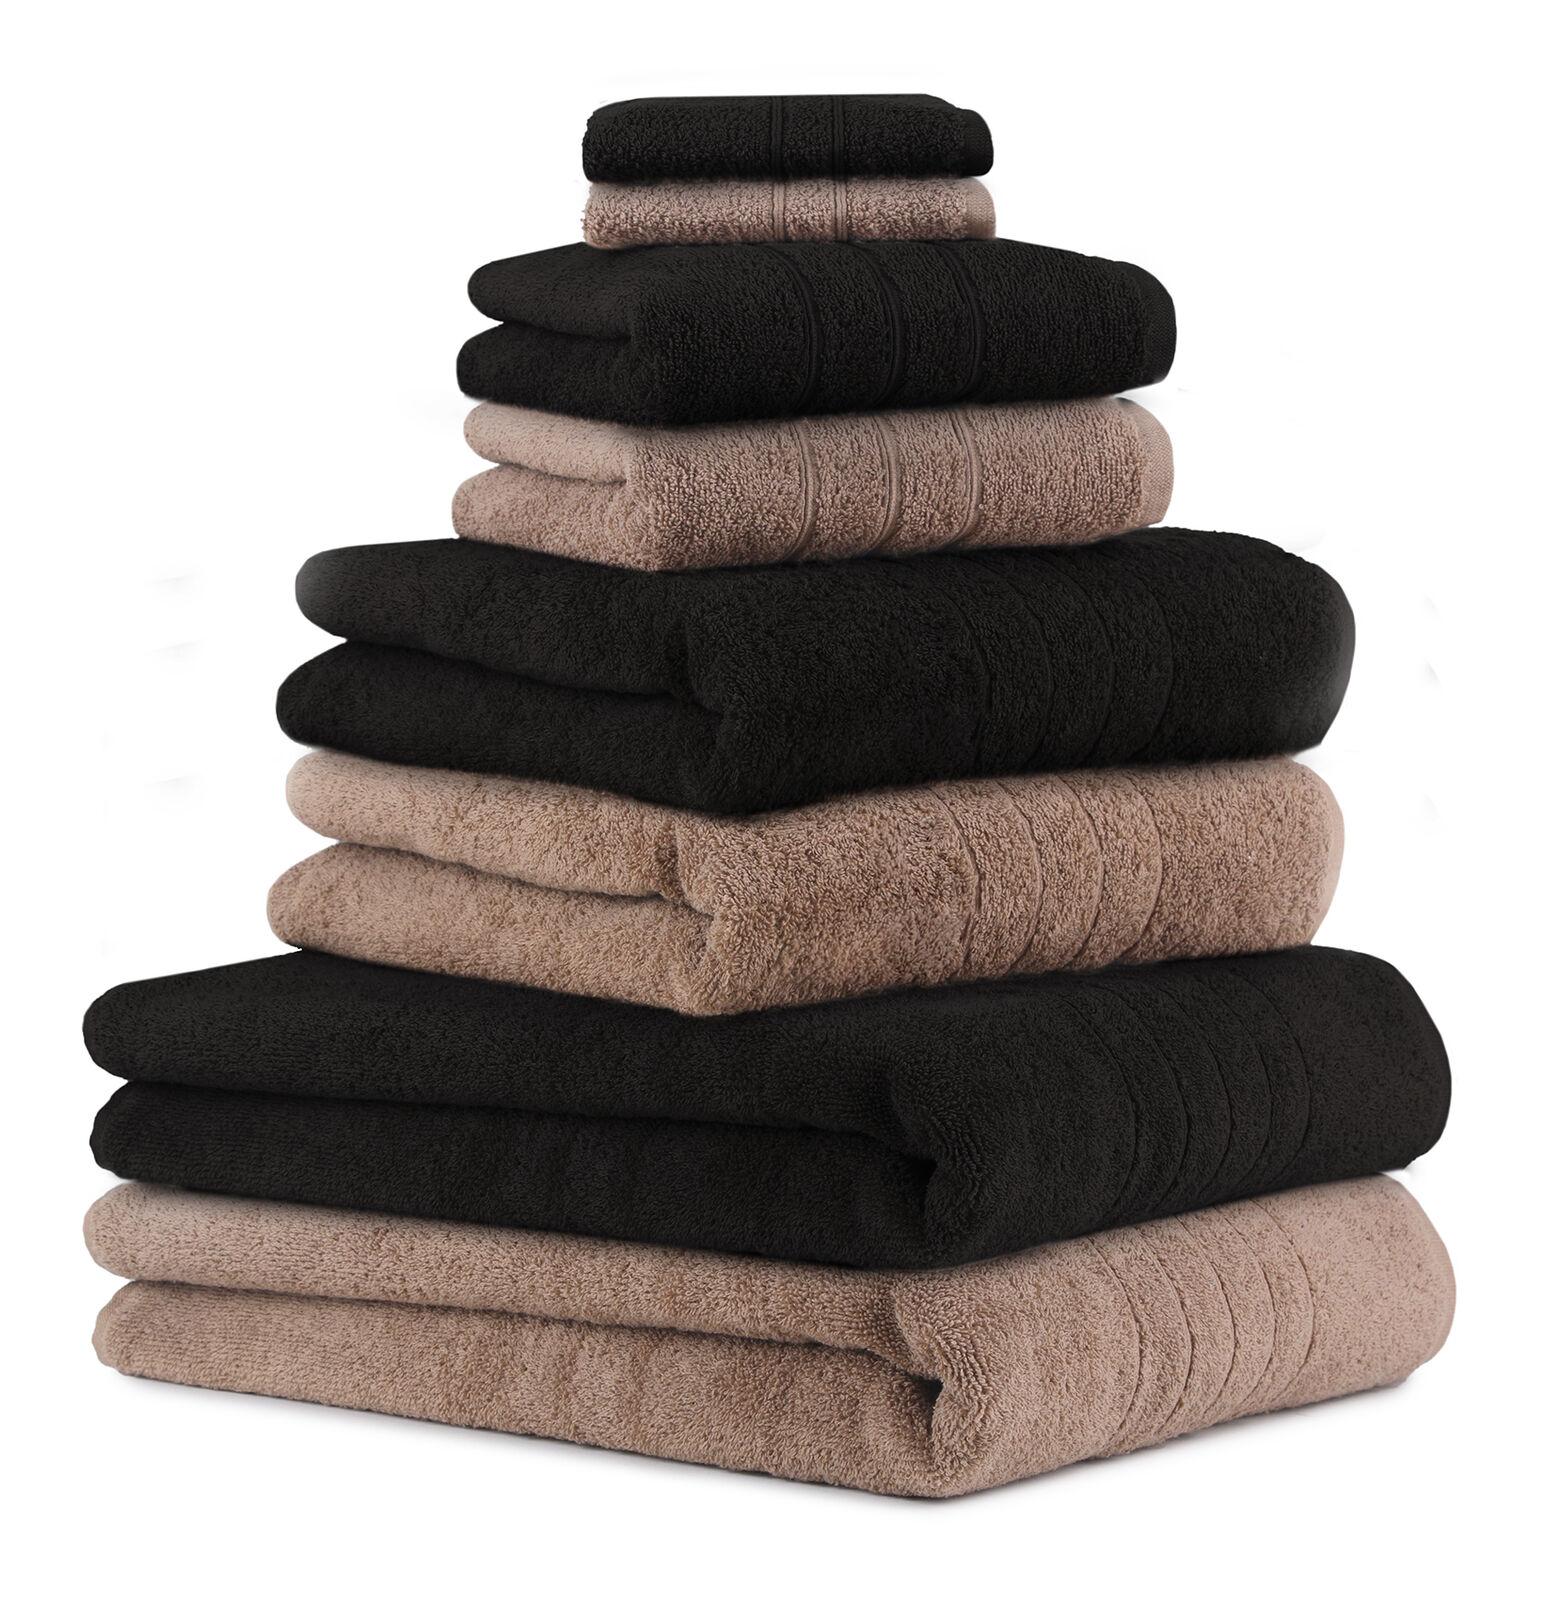 Betz 8-tlg.Handtuchset DELUXE Seiftuch Handtuch Duschtuch Badetuch mokka&schwarz     | Bekannt für seine gute Qualität